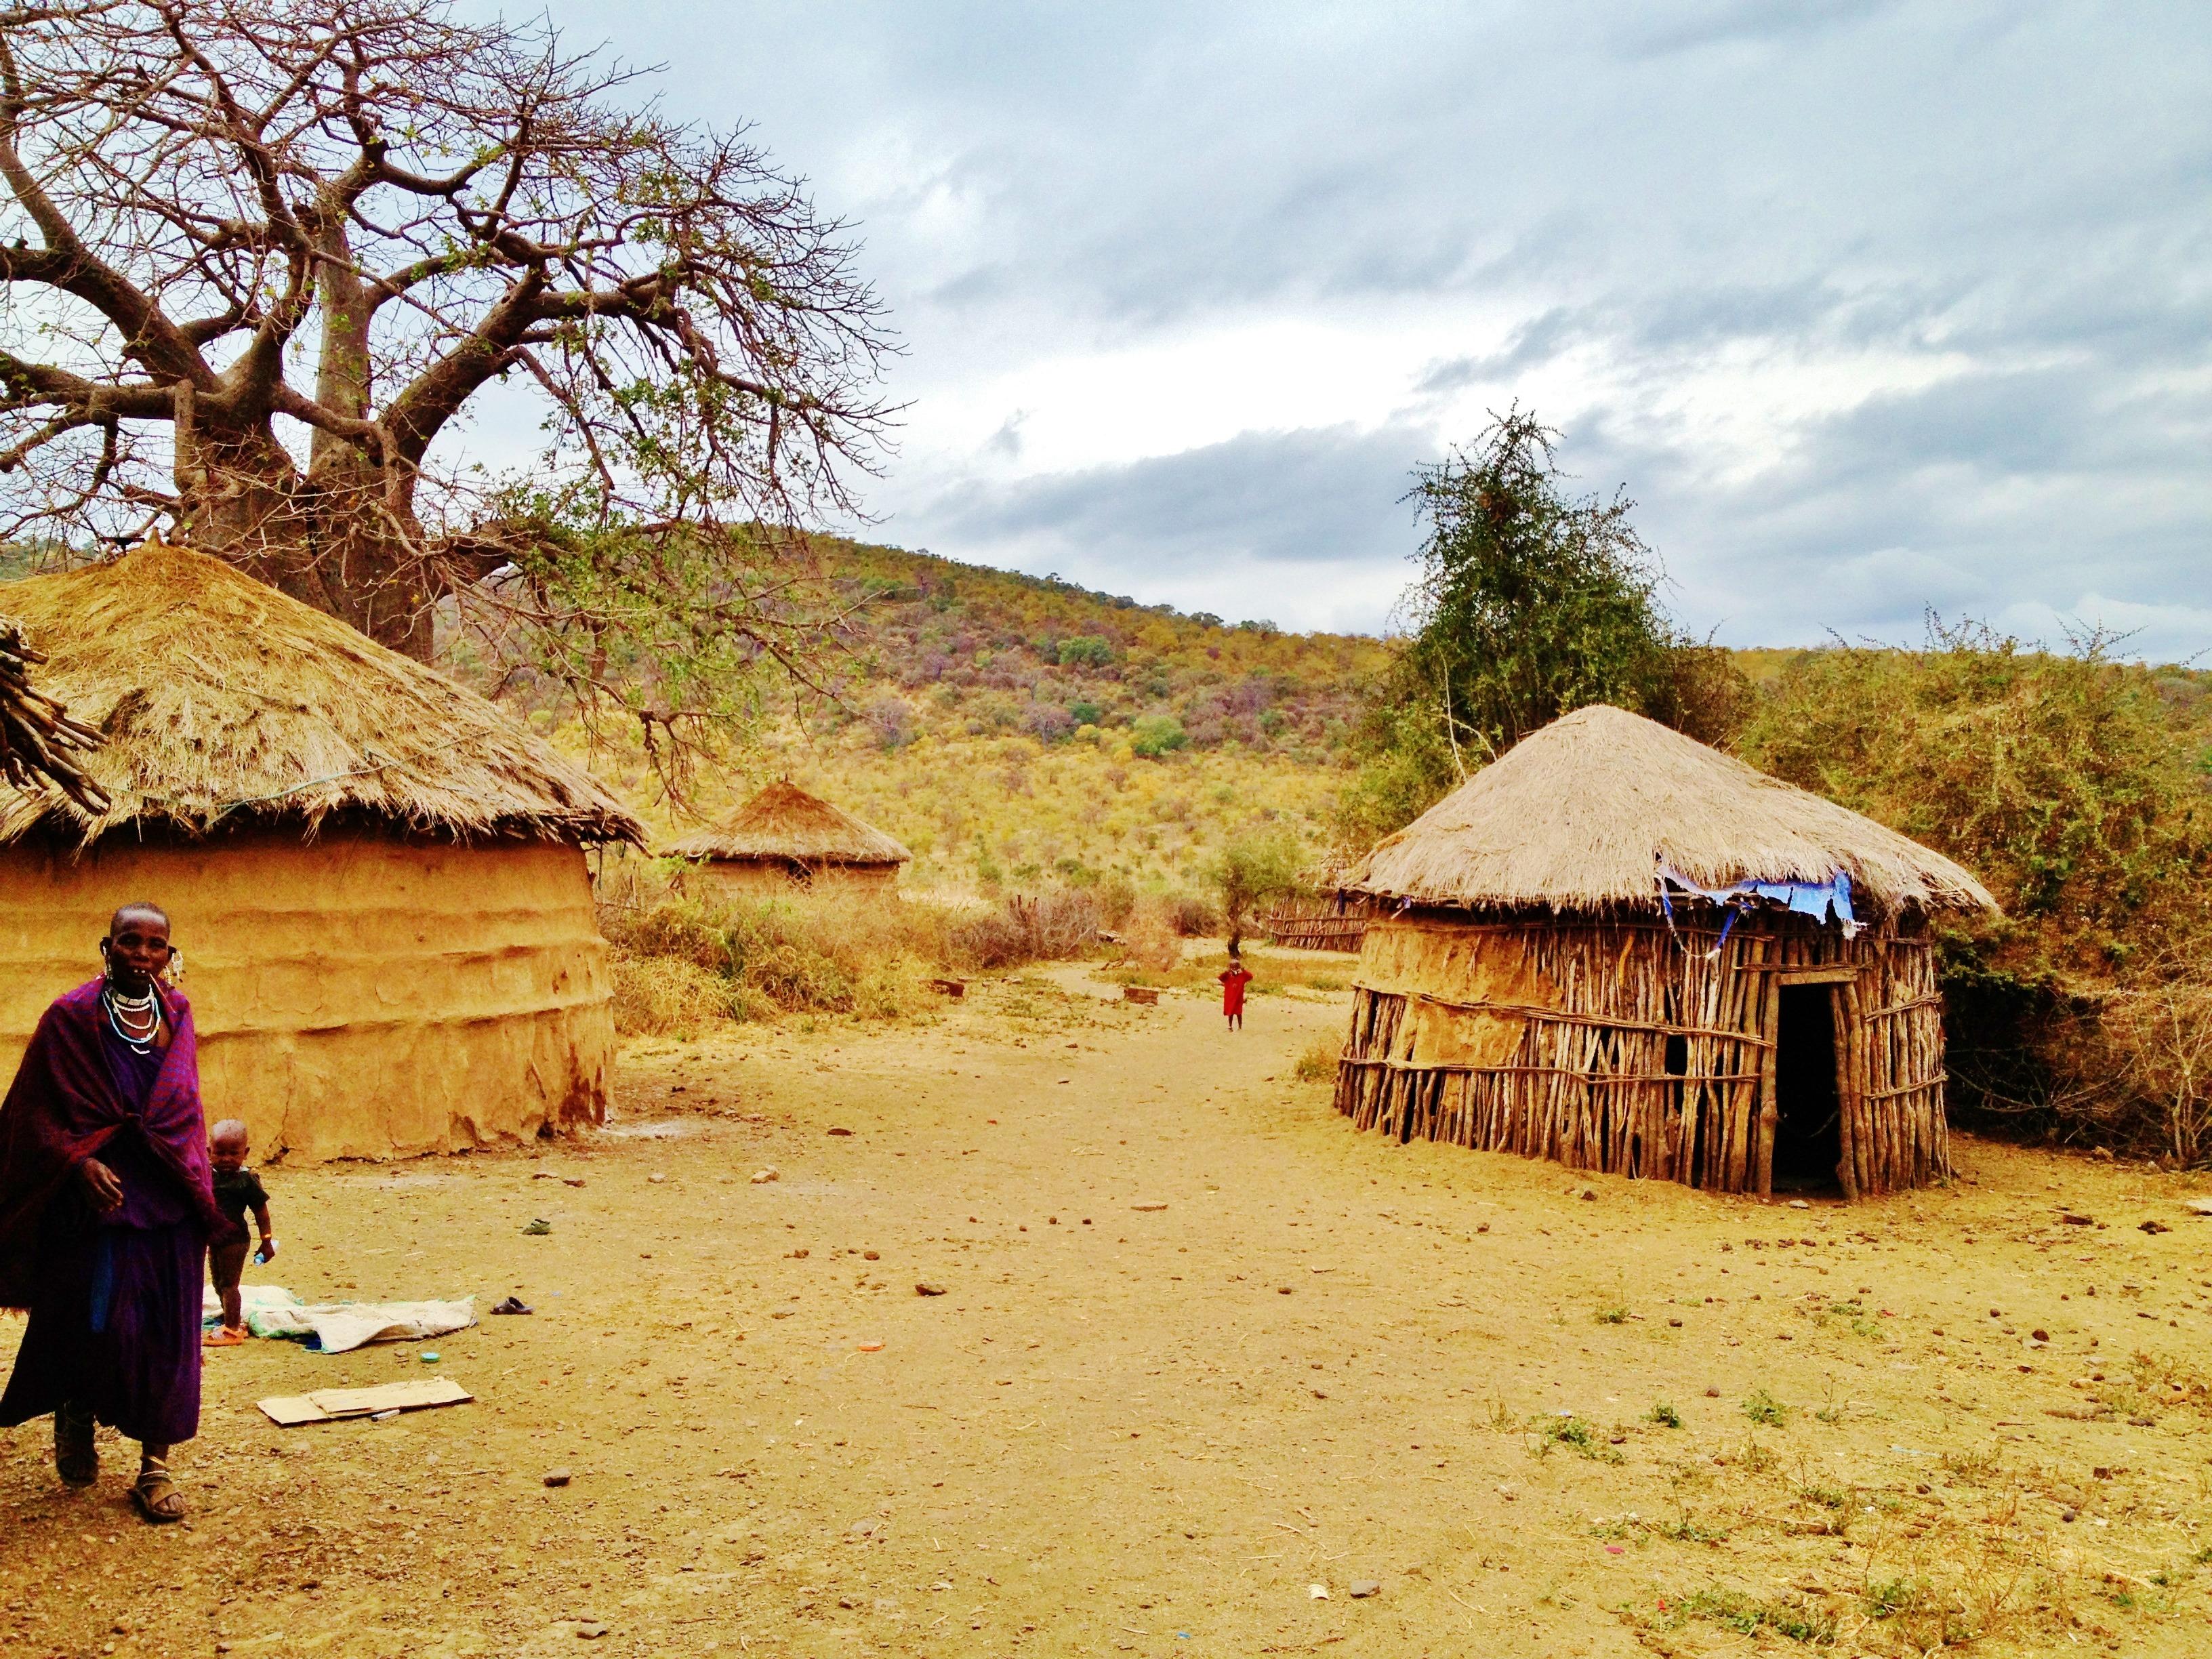 Paysage maison cabane sec village afrique culture tanzanie africain traditionnel zone rurale boma massai land